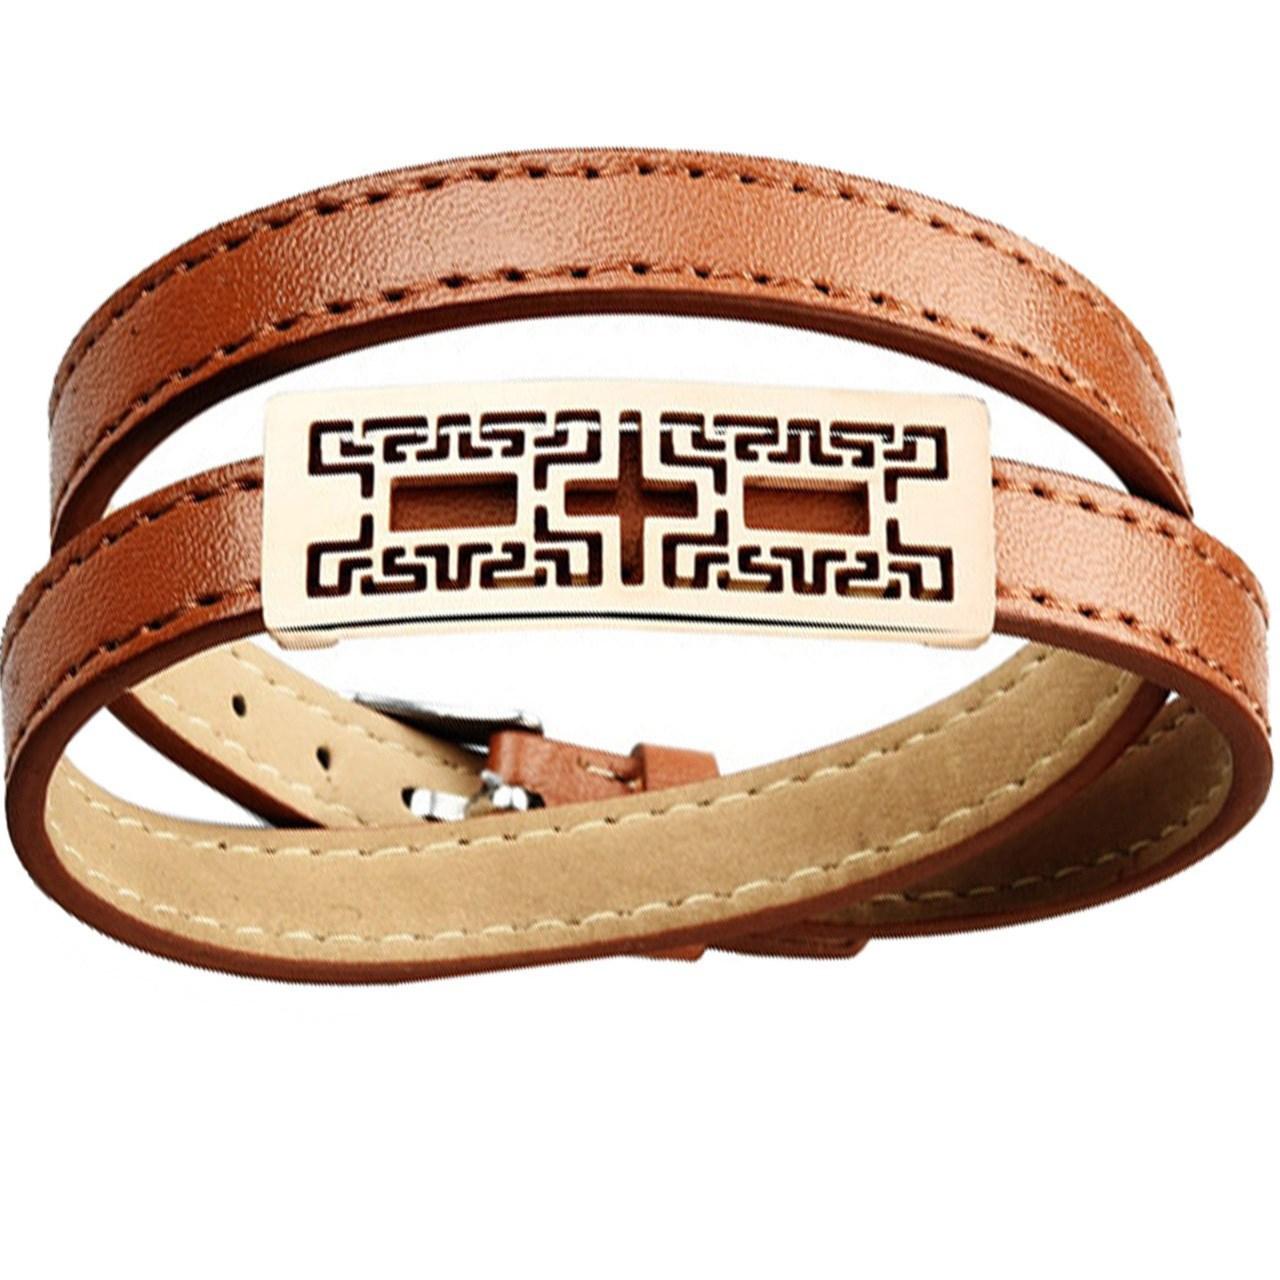 دستبند چرمی روزینی مدل MB15-1